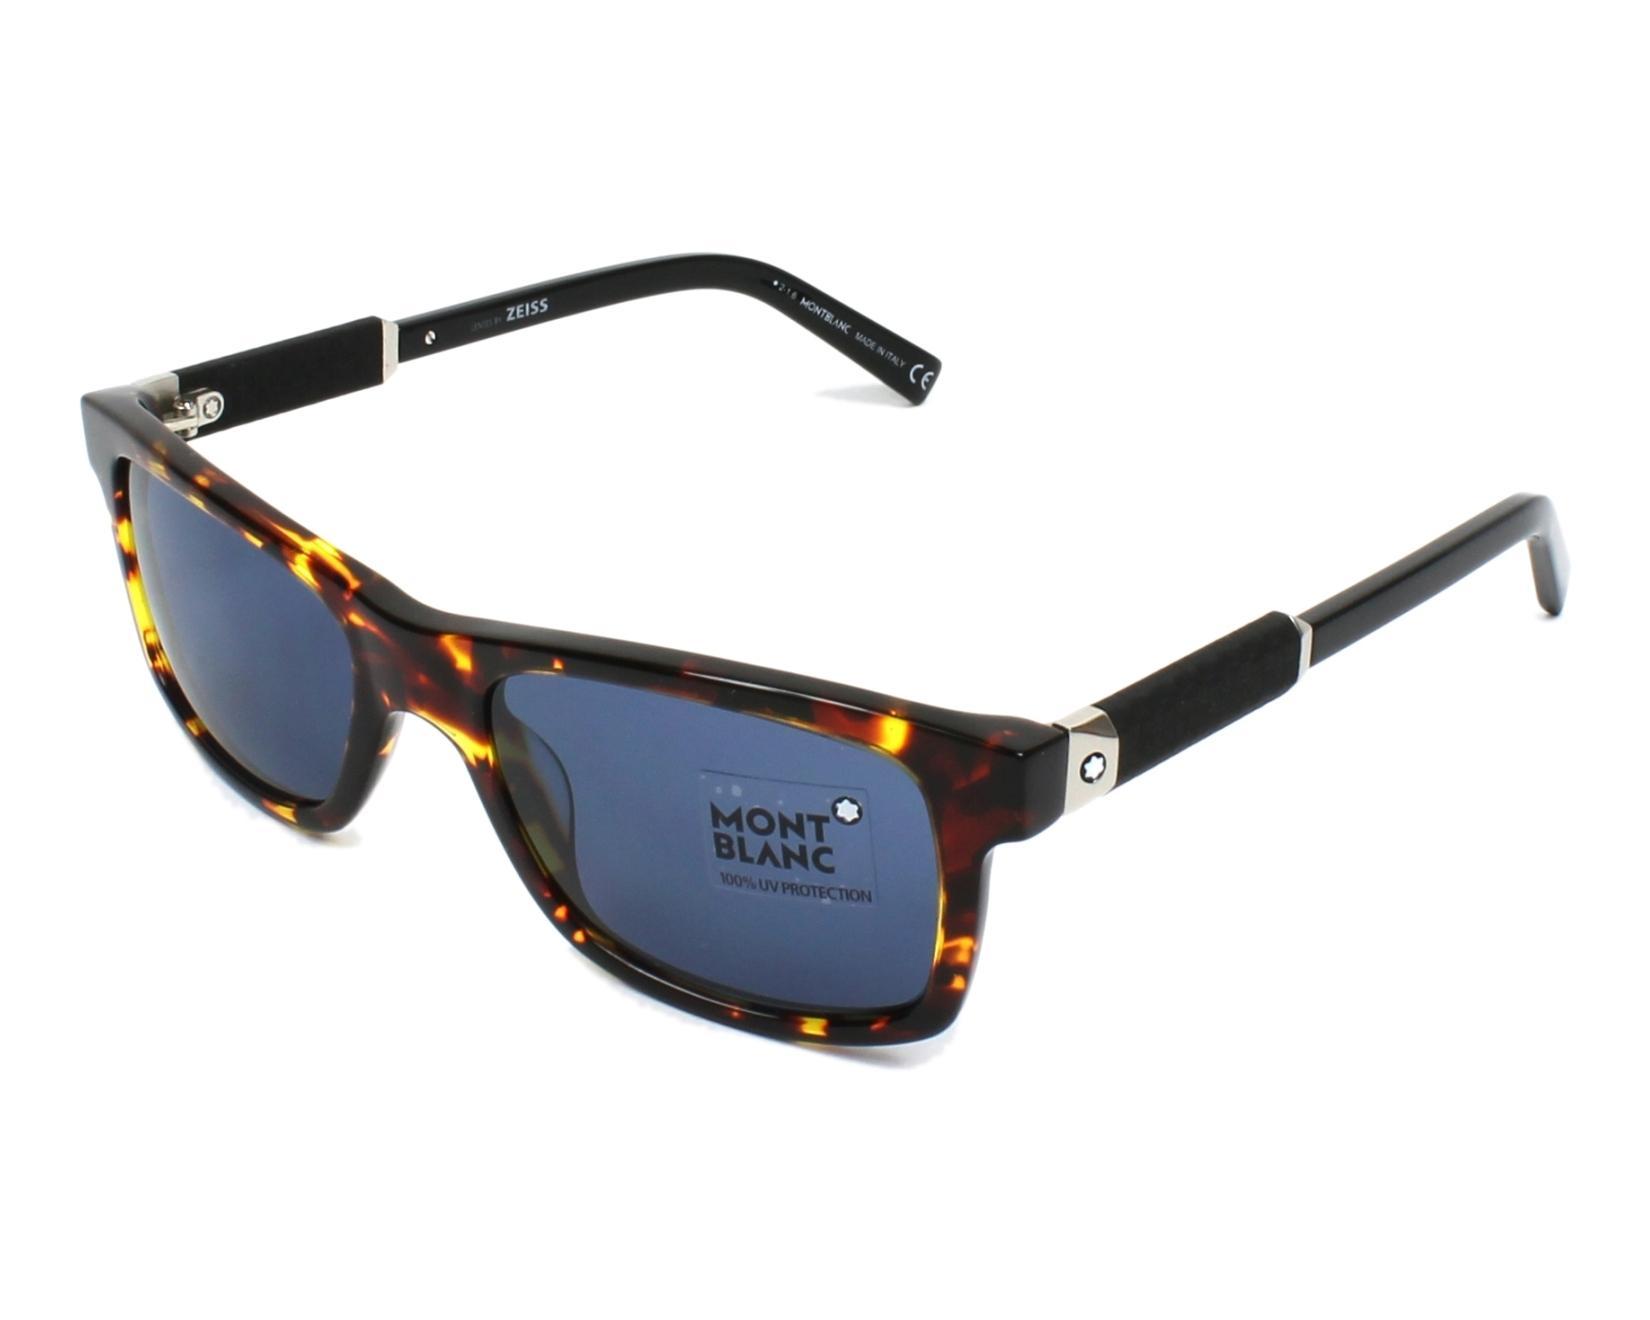 e047b7e72da Sunglasses Mont Blanc MB-646-S 55V 54-19 Havana Havana profile view